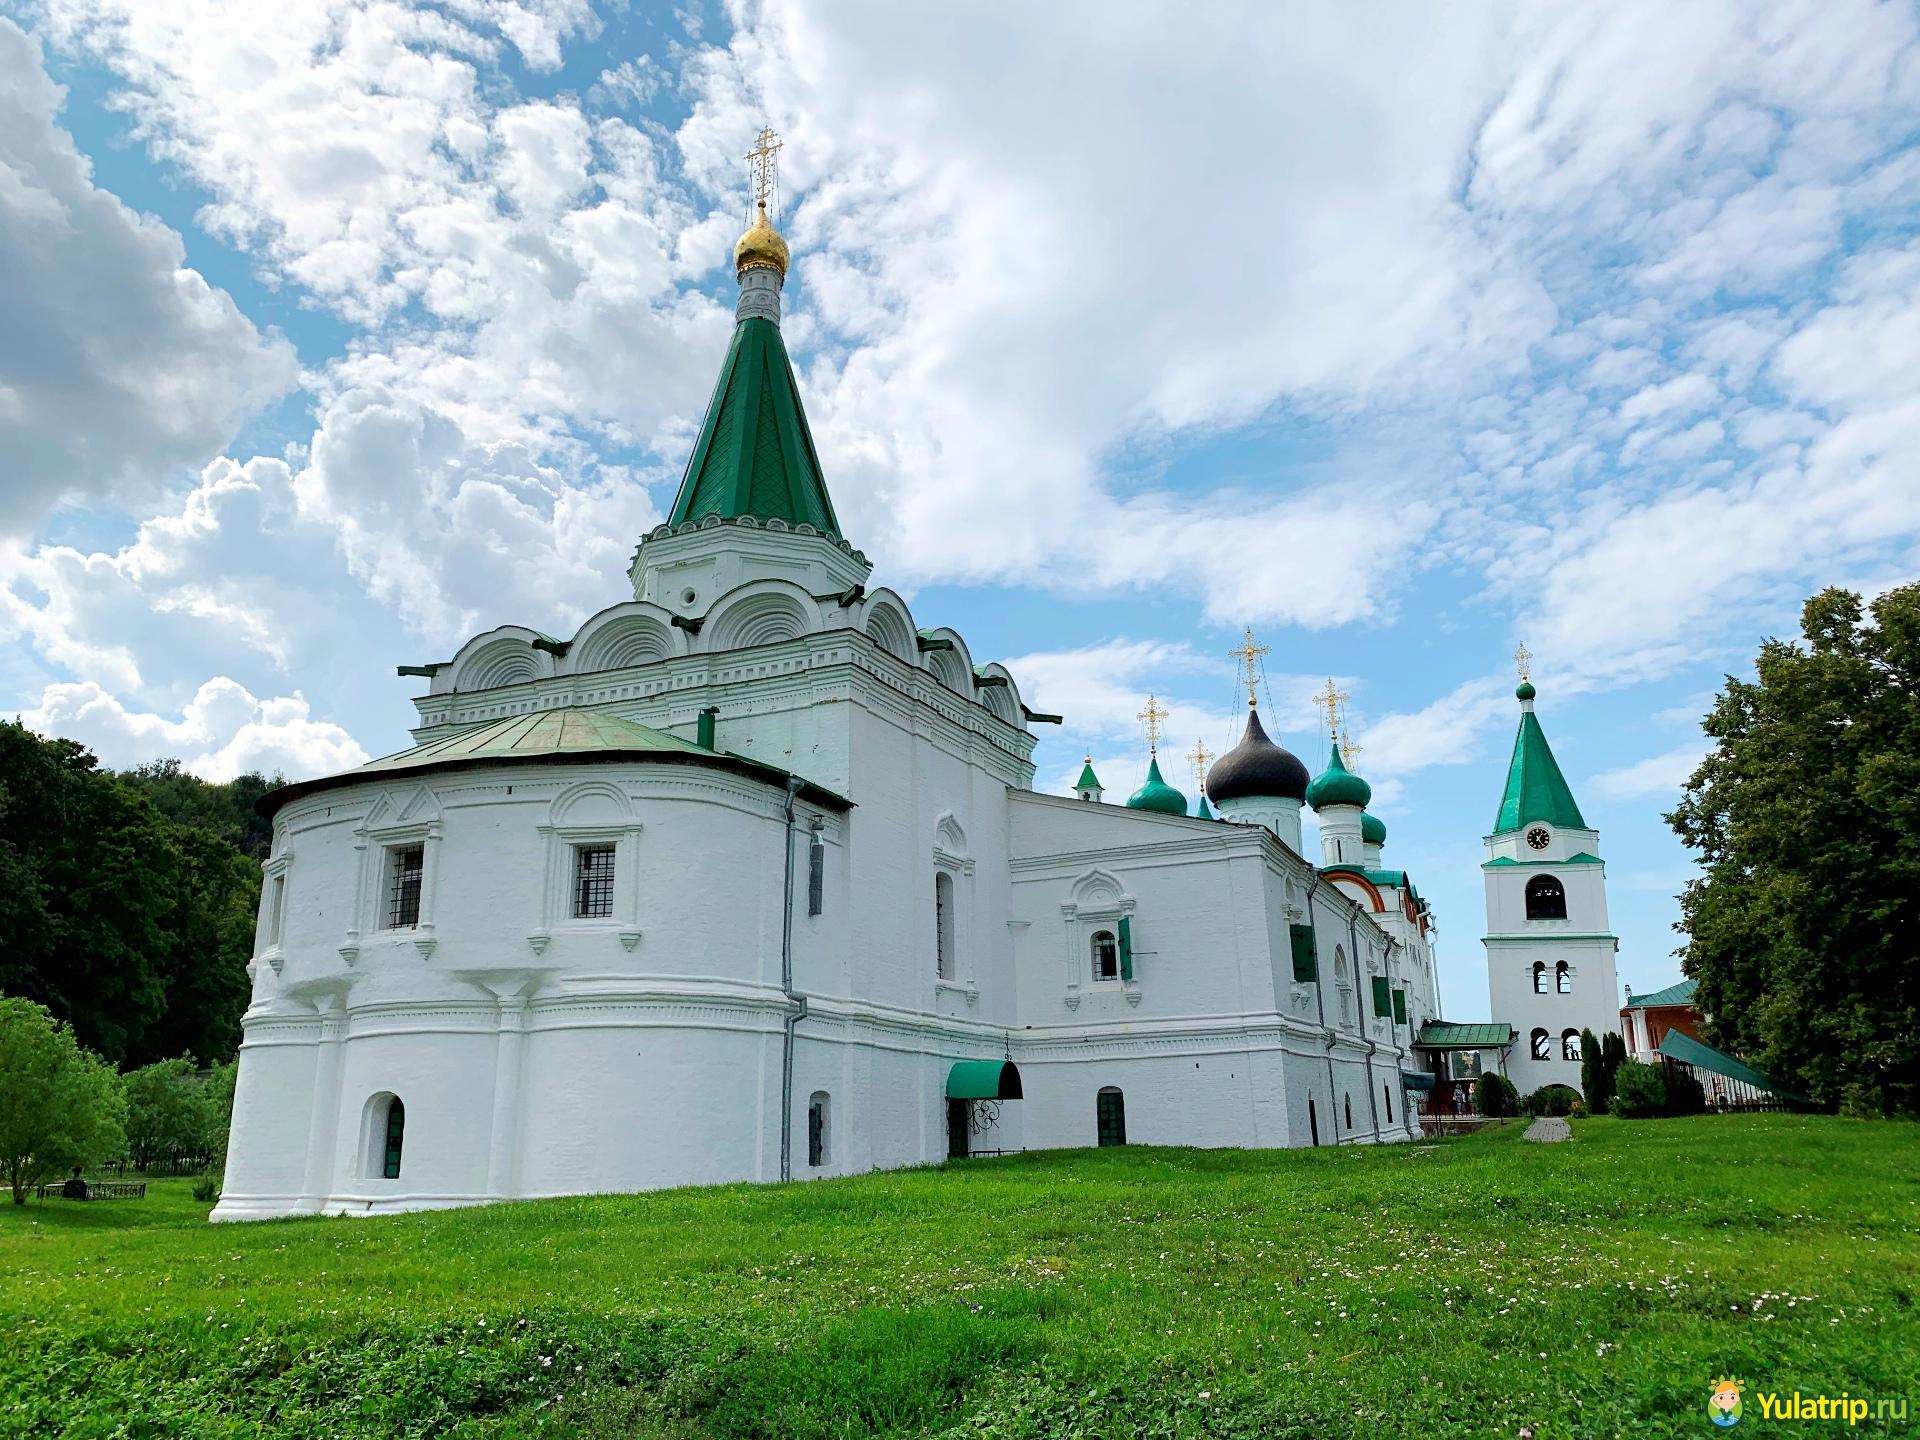 вознесенский печерский монастырь нижний новгород